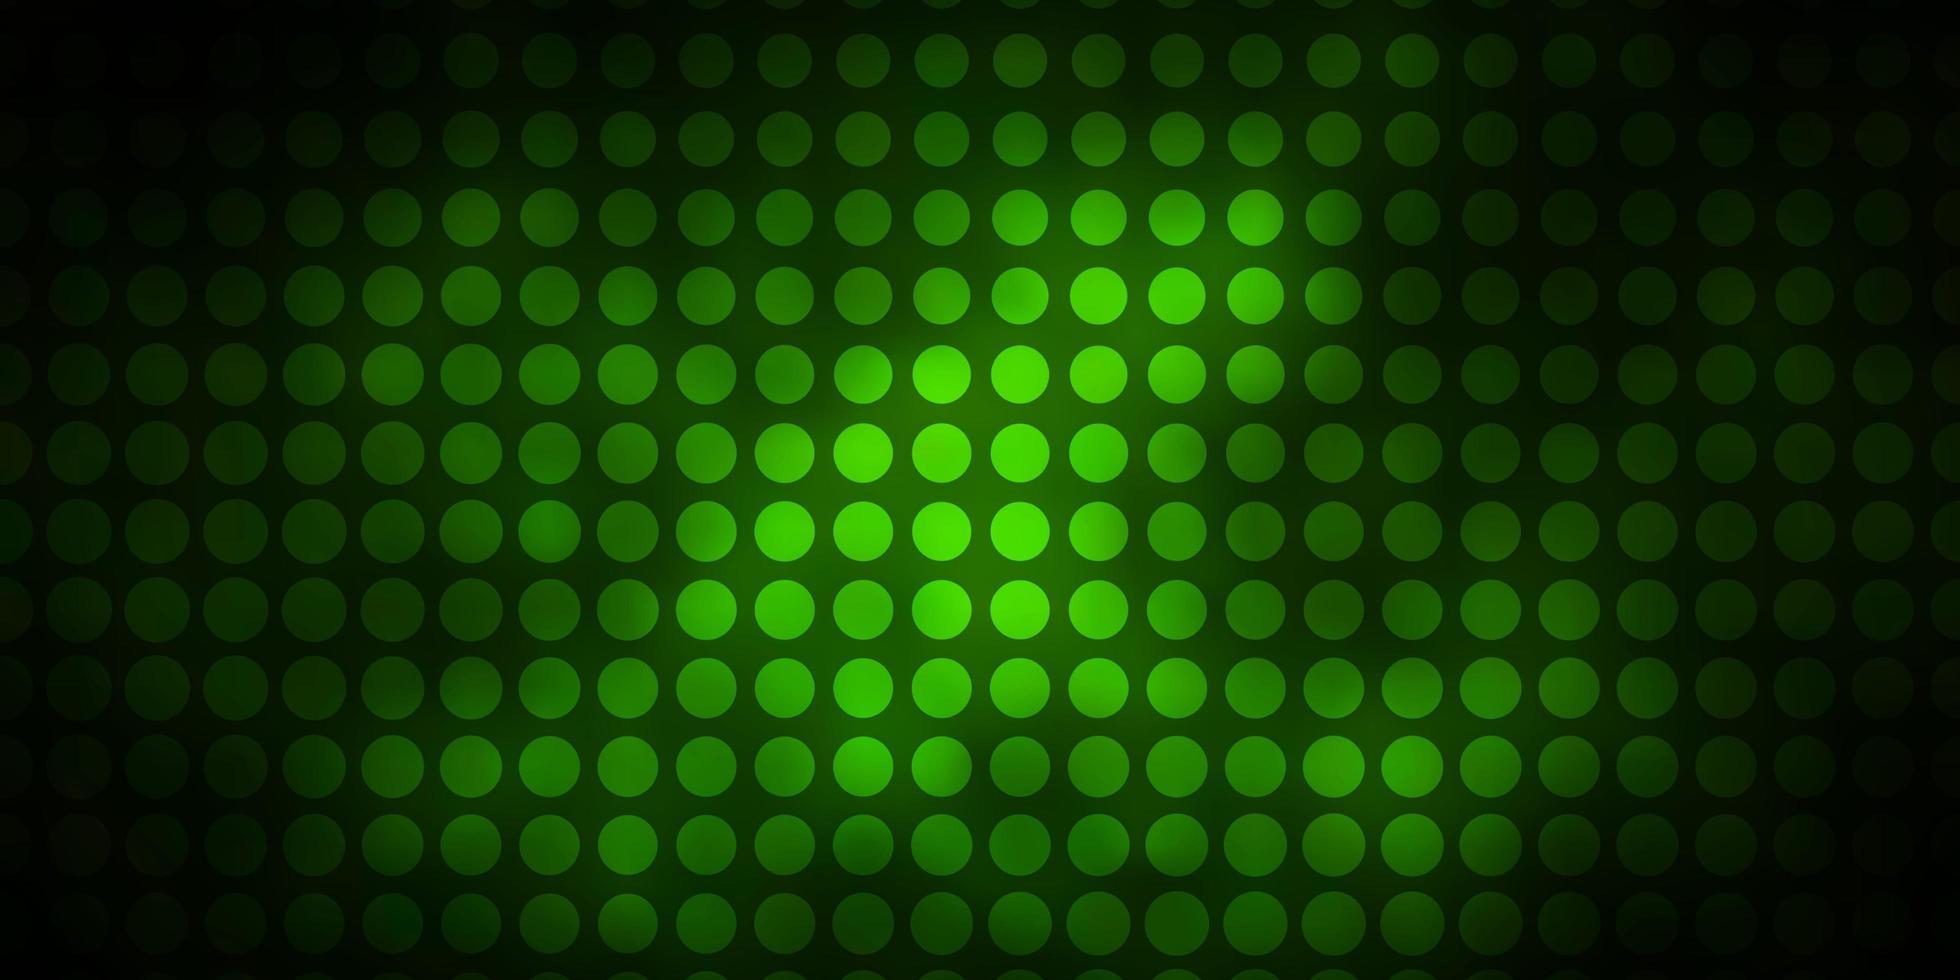 layout verde escuro com círculos vetor